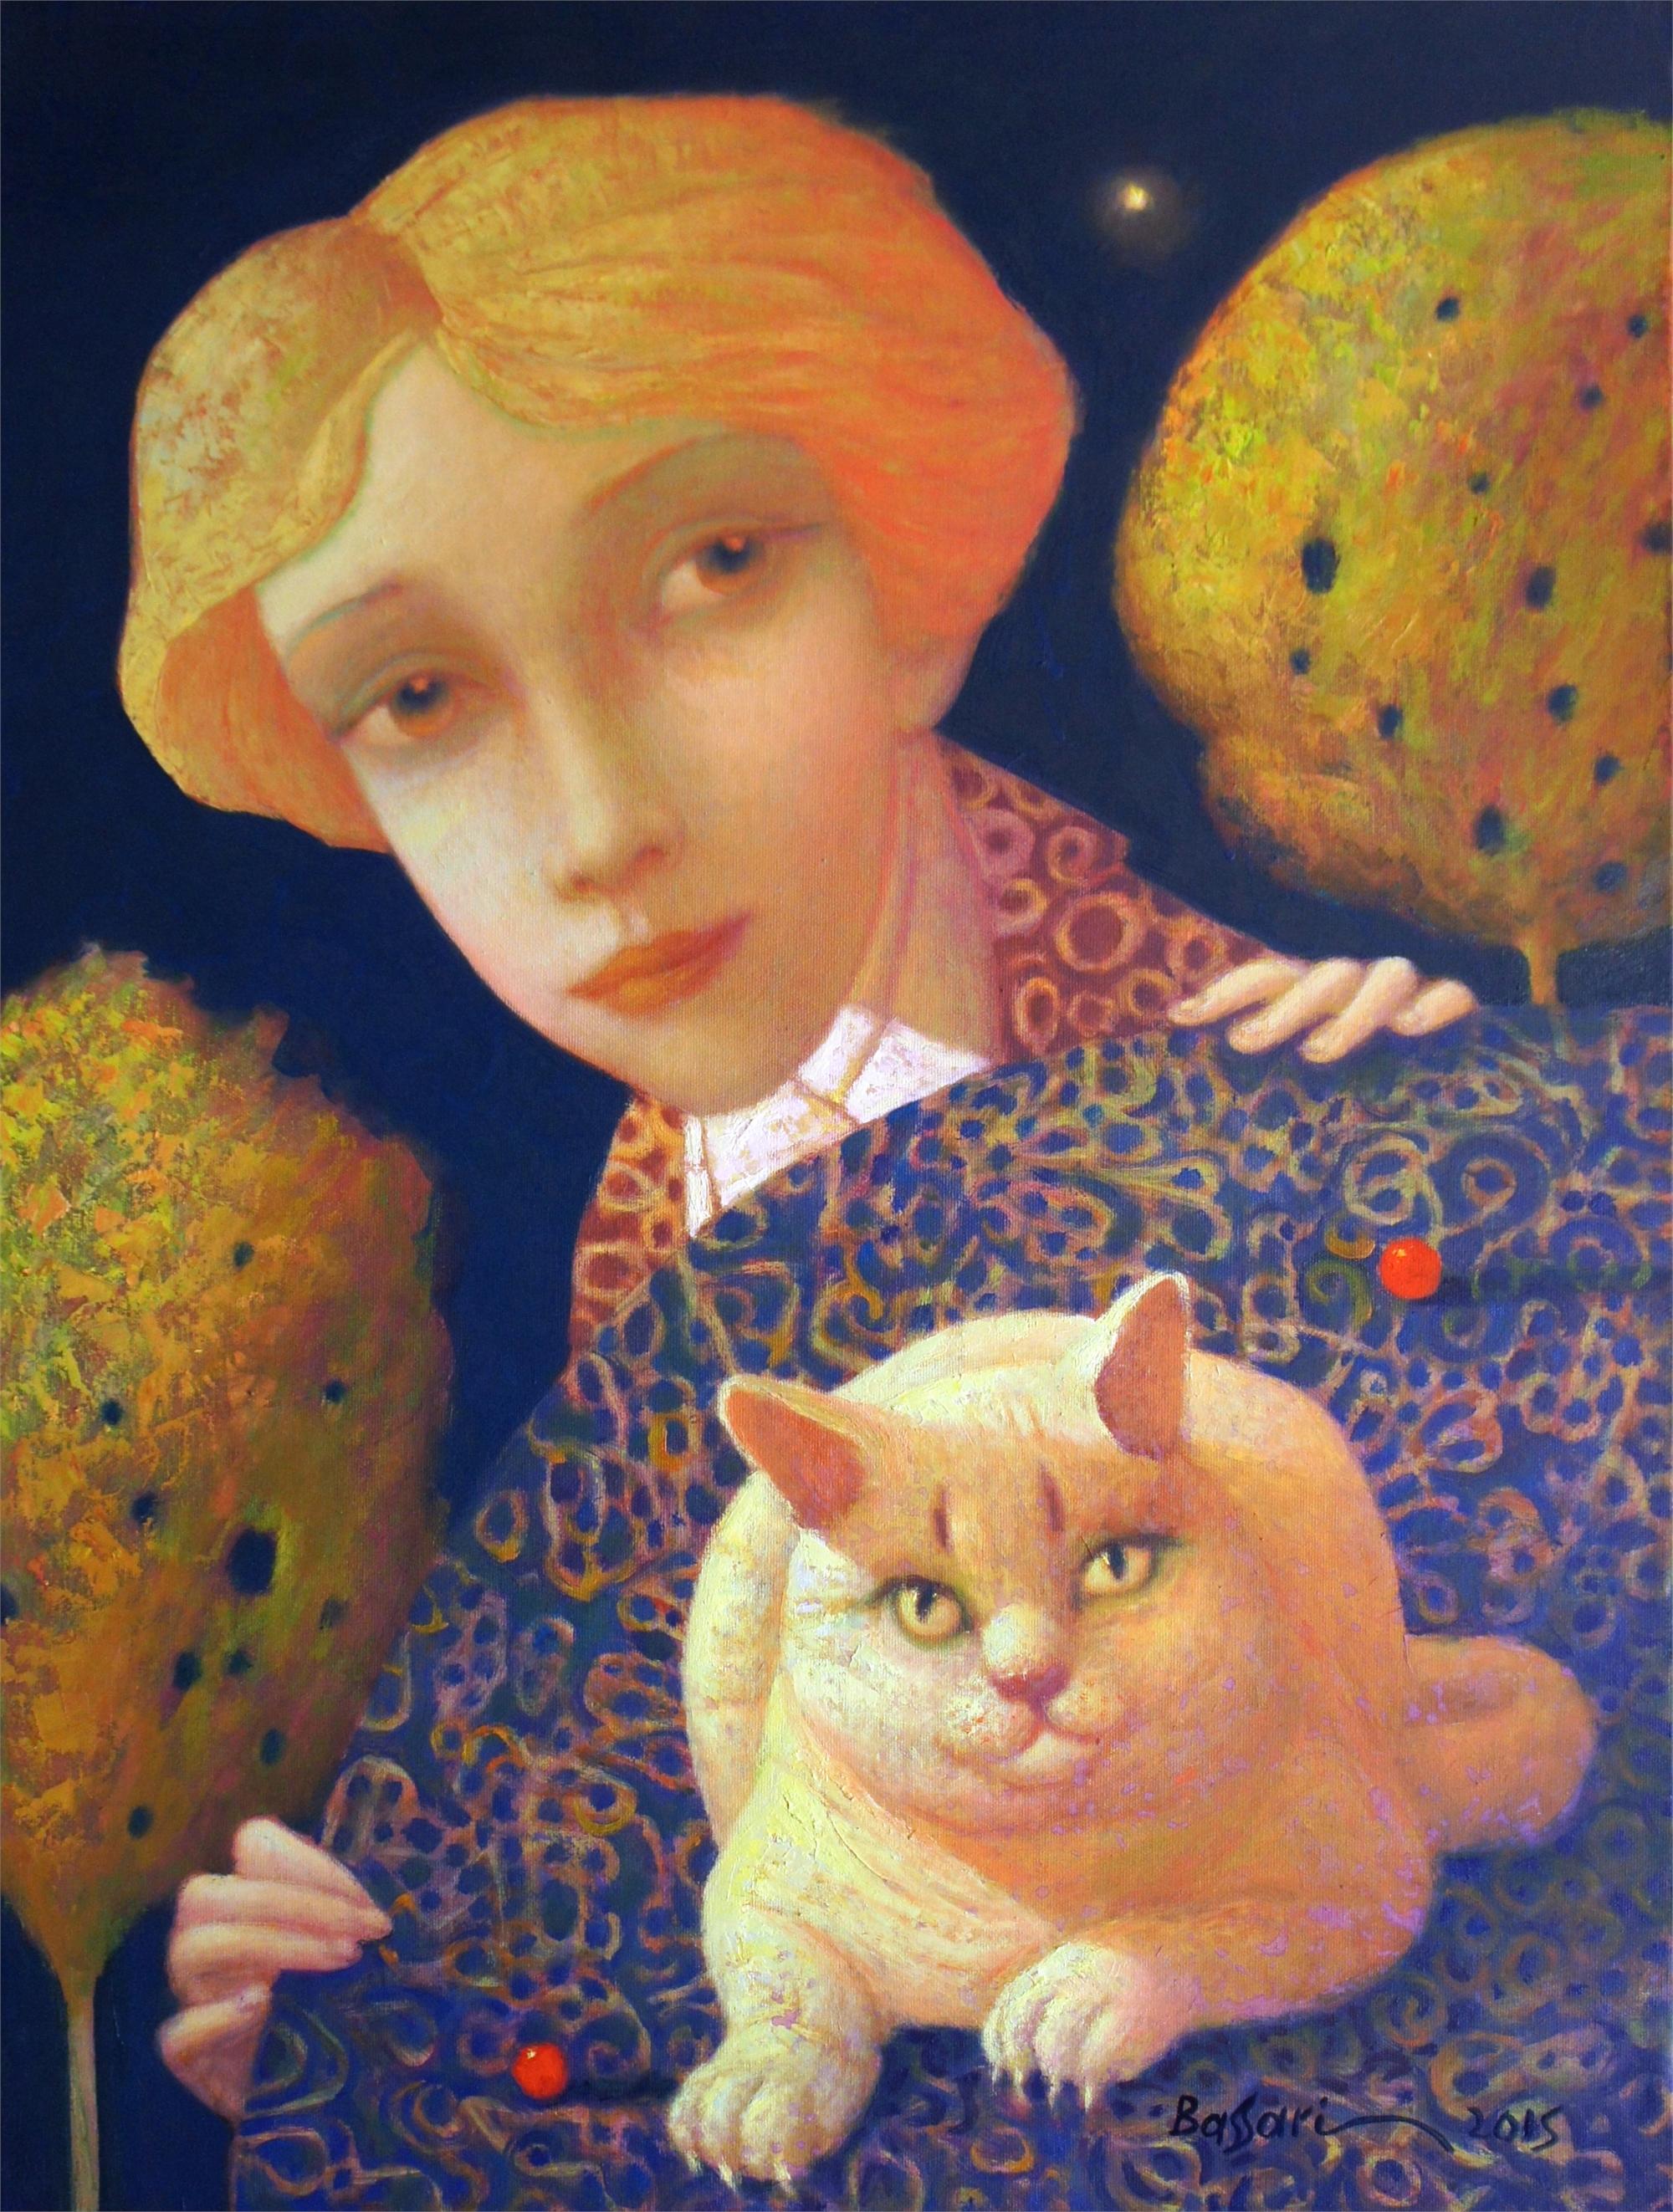 Silence by Sasha Bassari